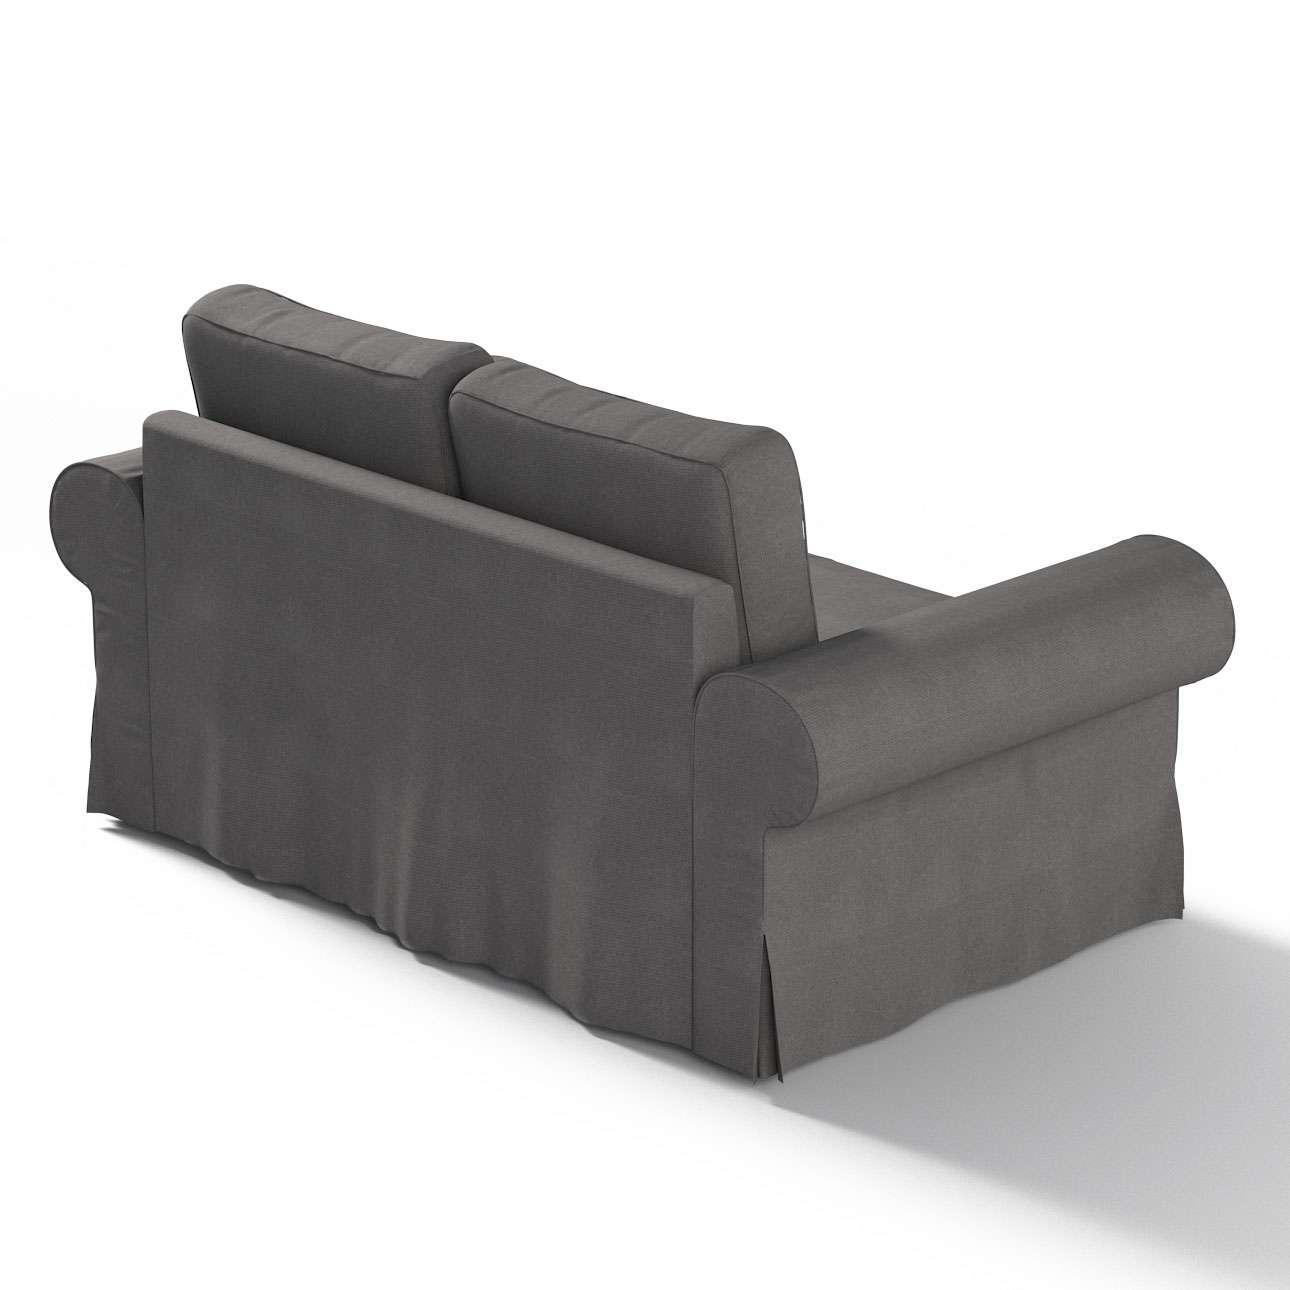 Backabro 2-Sitzer Sofabezug nicht ausklappbar von der Kollektion Etna, Stoff: 705-35